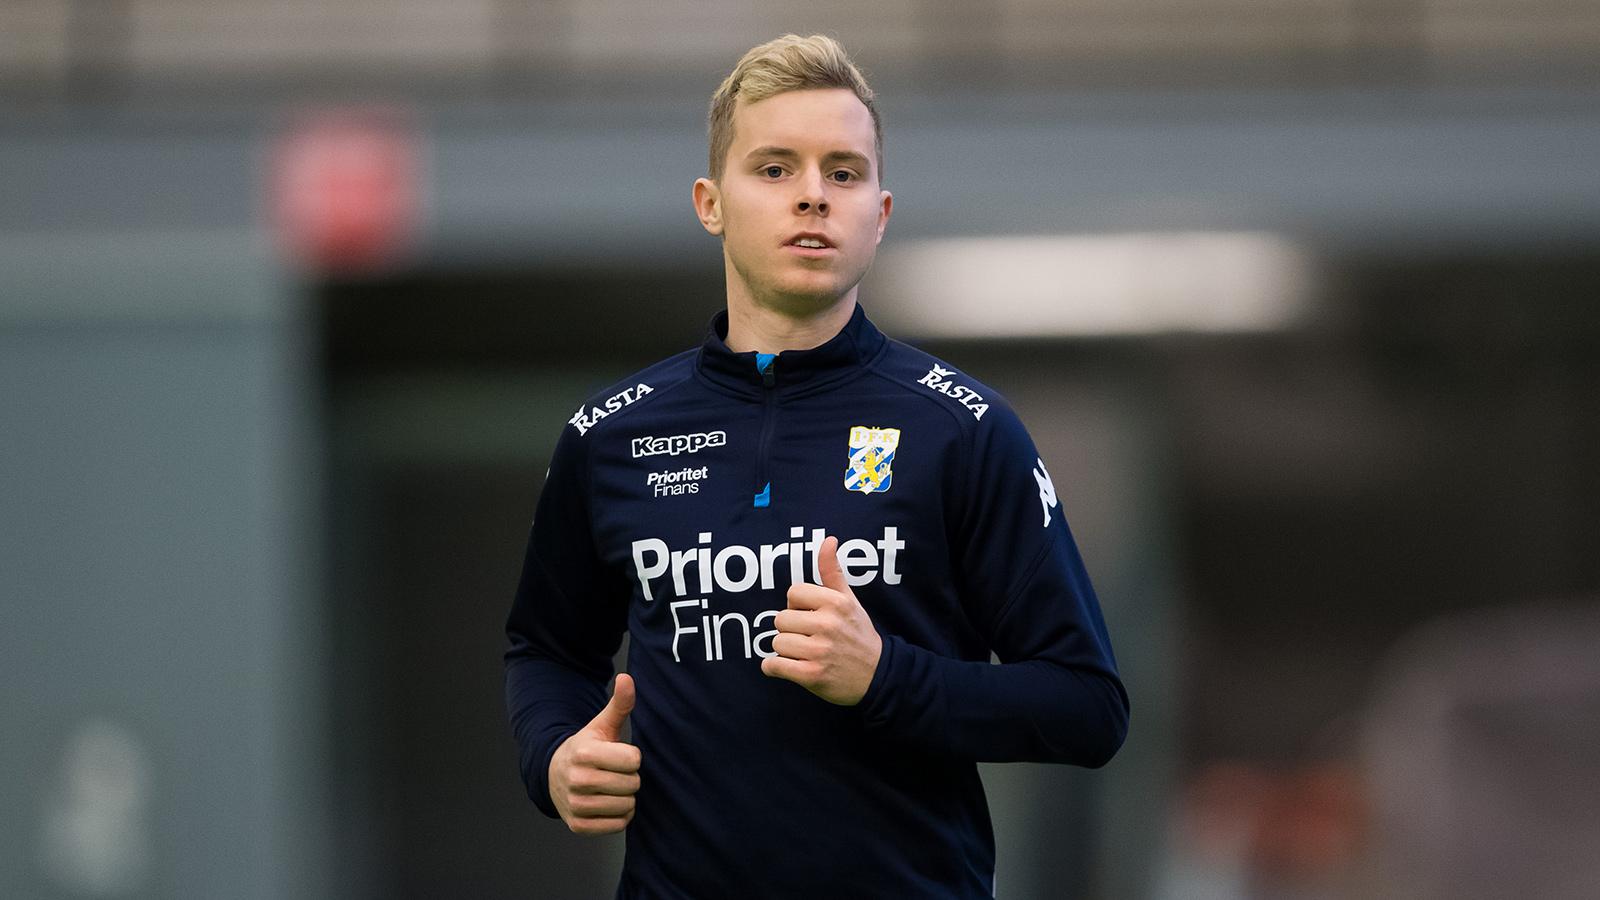 180117 Victor Wernersson under en träning med IFK Göteborg den 17 januari 2018 i Göteborg.